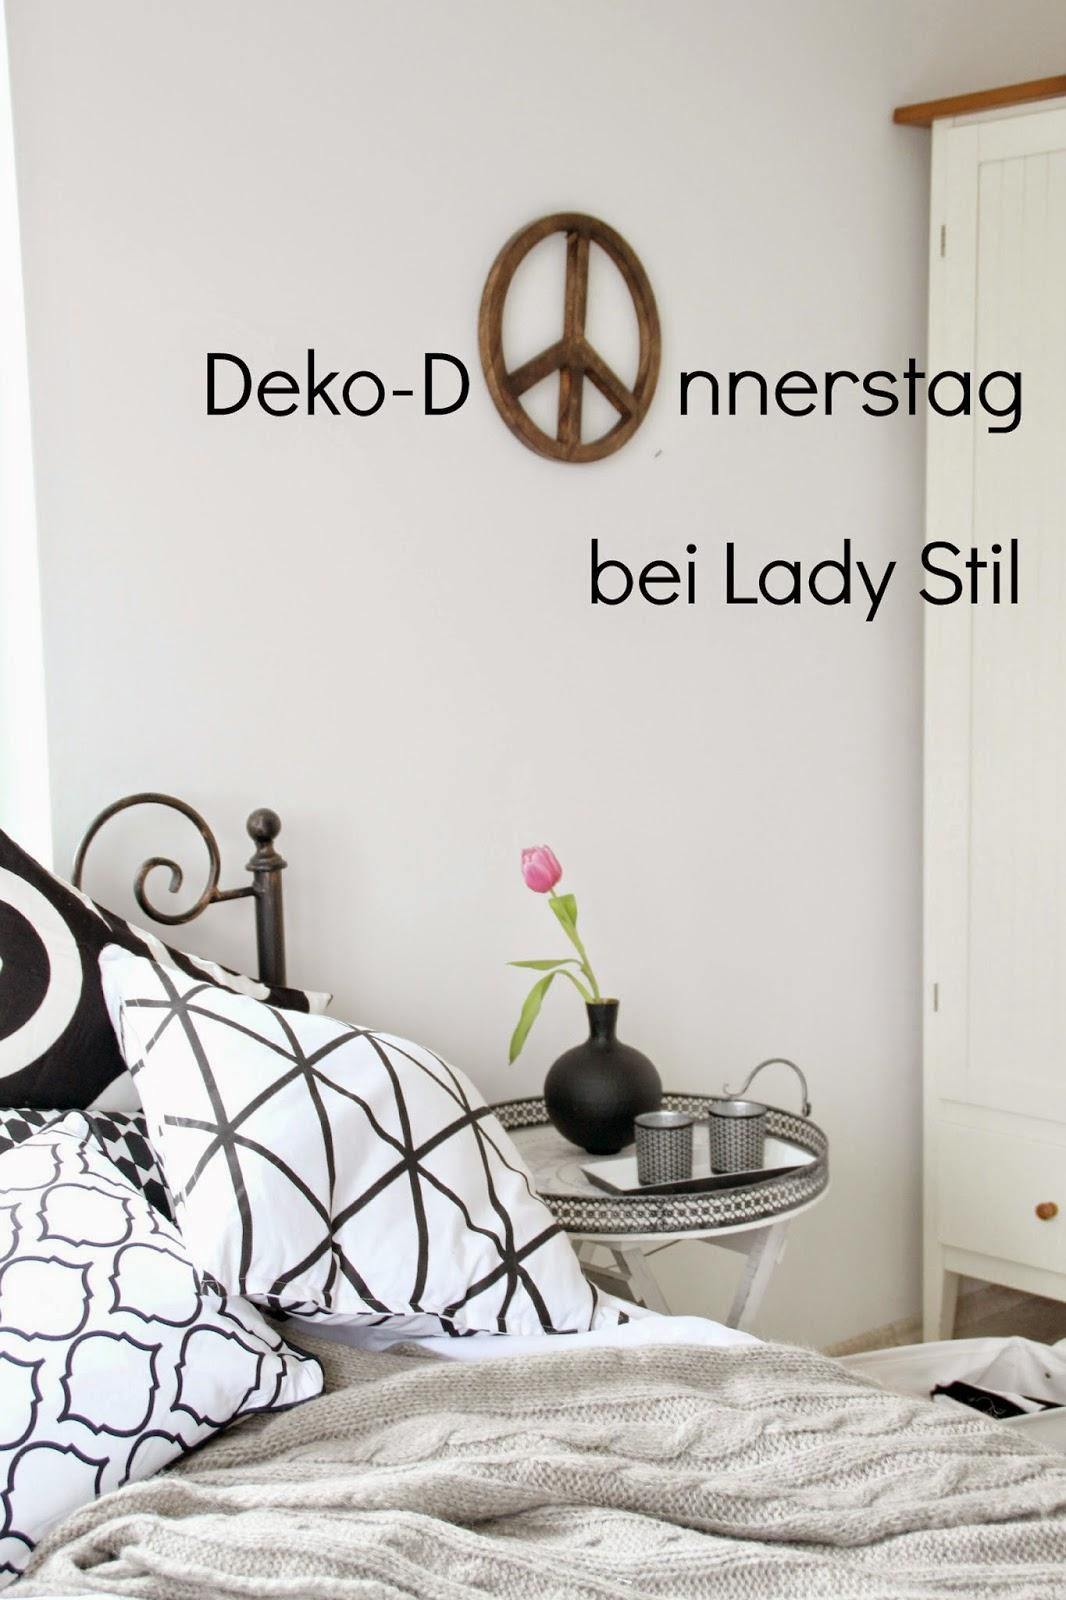 Deko-Donnerstag